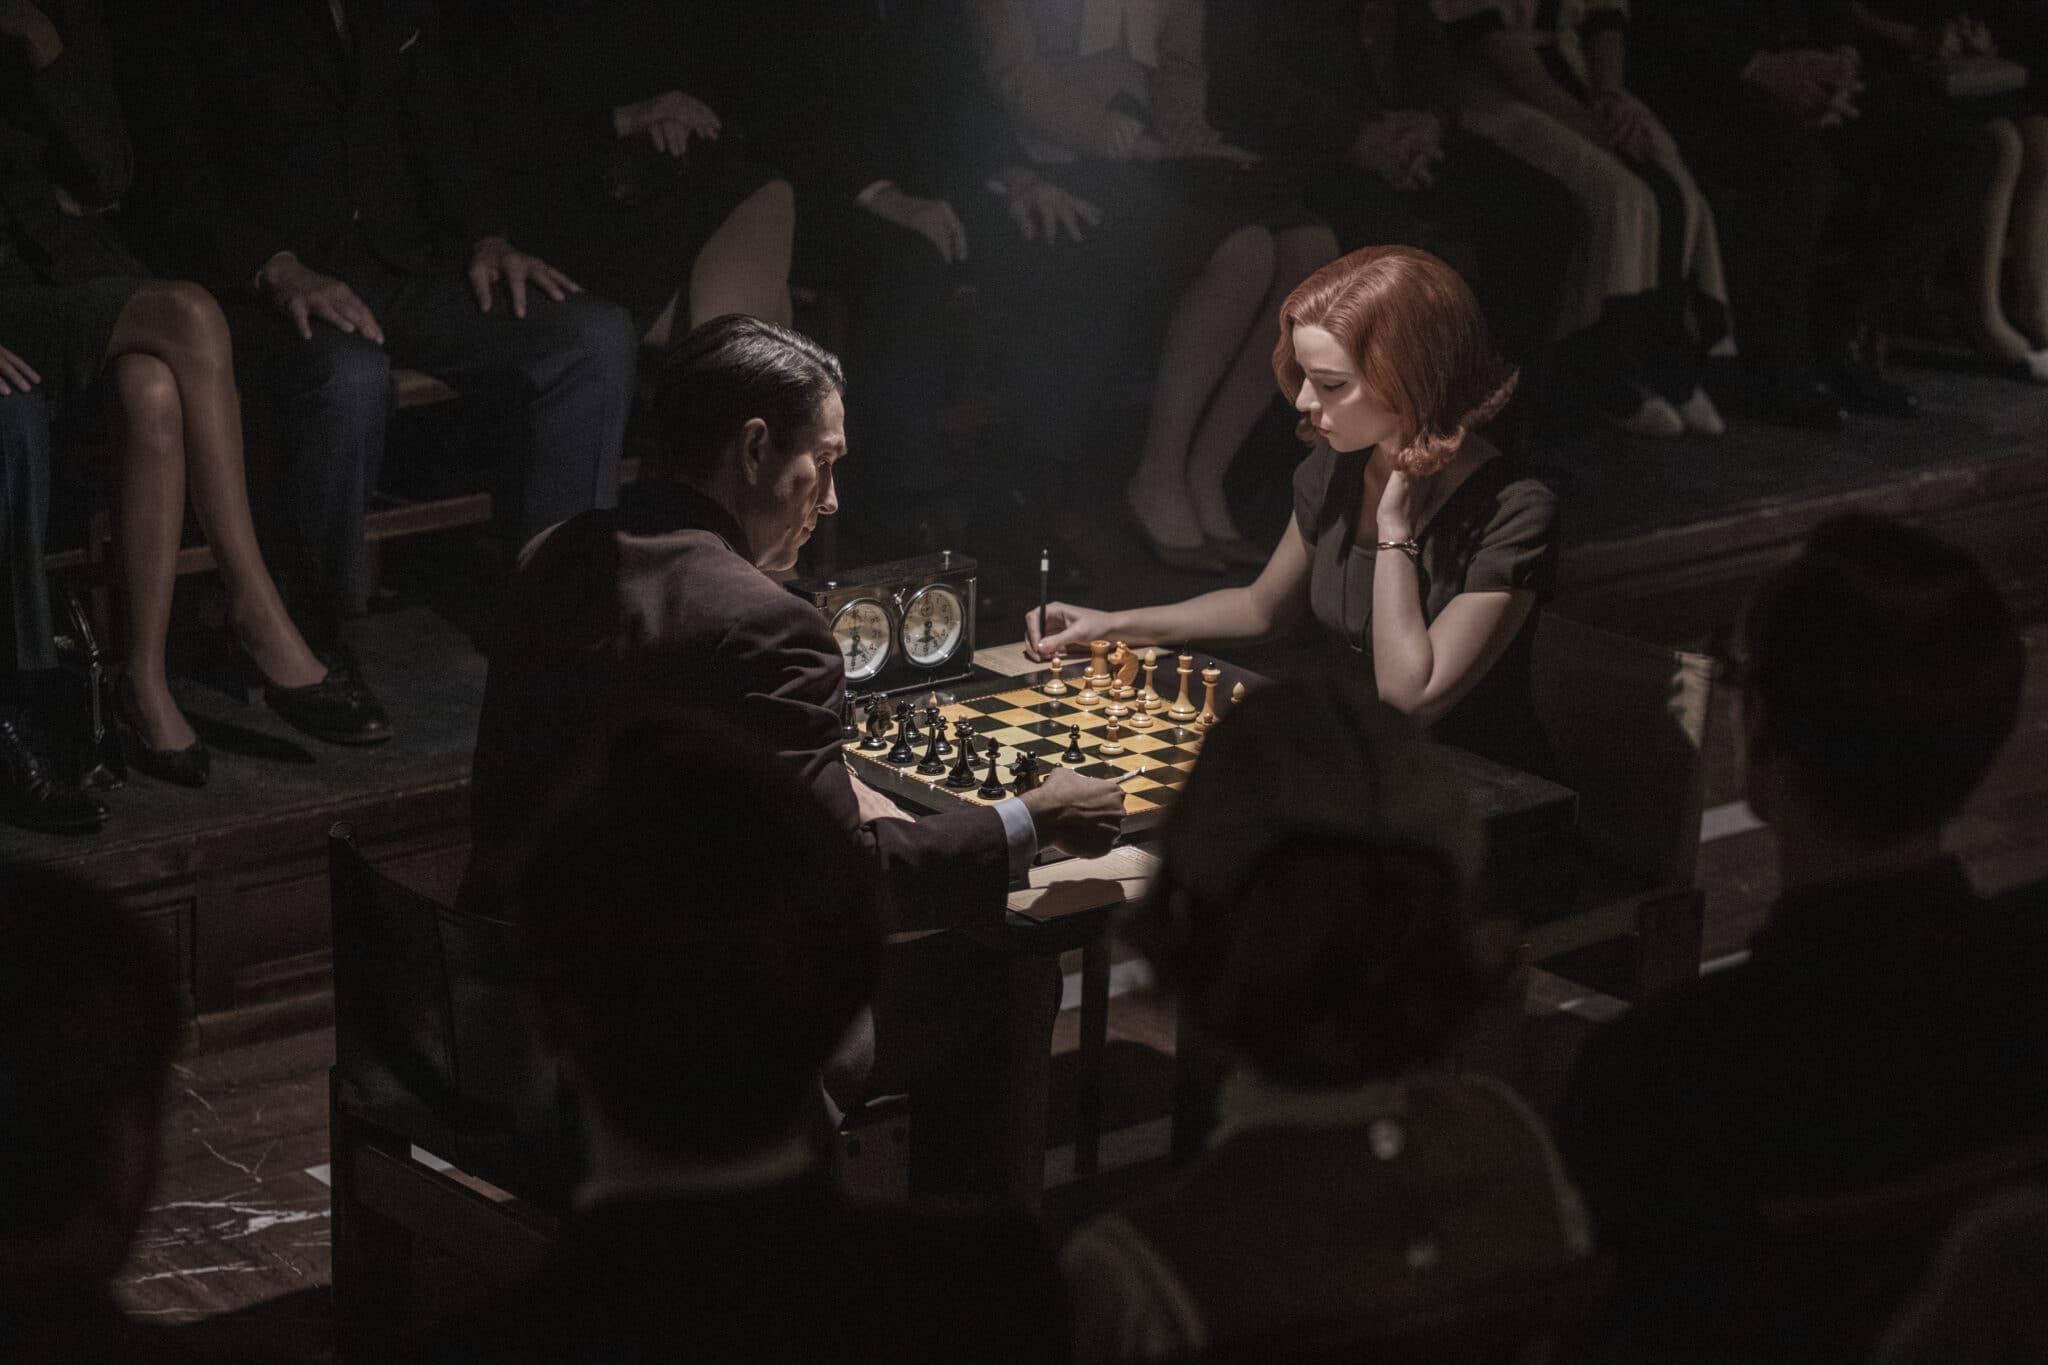 An einem beleuchteten Schachbrett sitzen Beth und Borgov. Beide blicken konzentriert auf ihre Figuren. Im Hintergrund sieht man die Beine der Zuschauer der ersten Reihe und im Vordergrund ebenfalls die Hinterköpfe von Zuschauern.